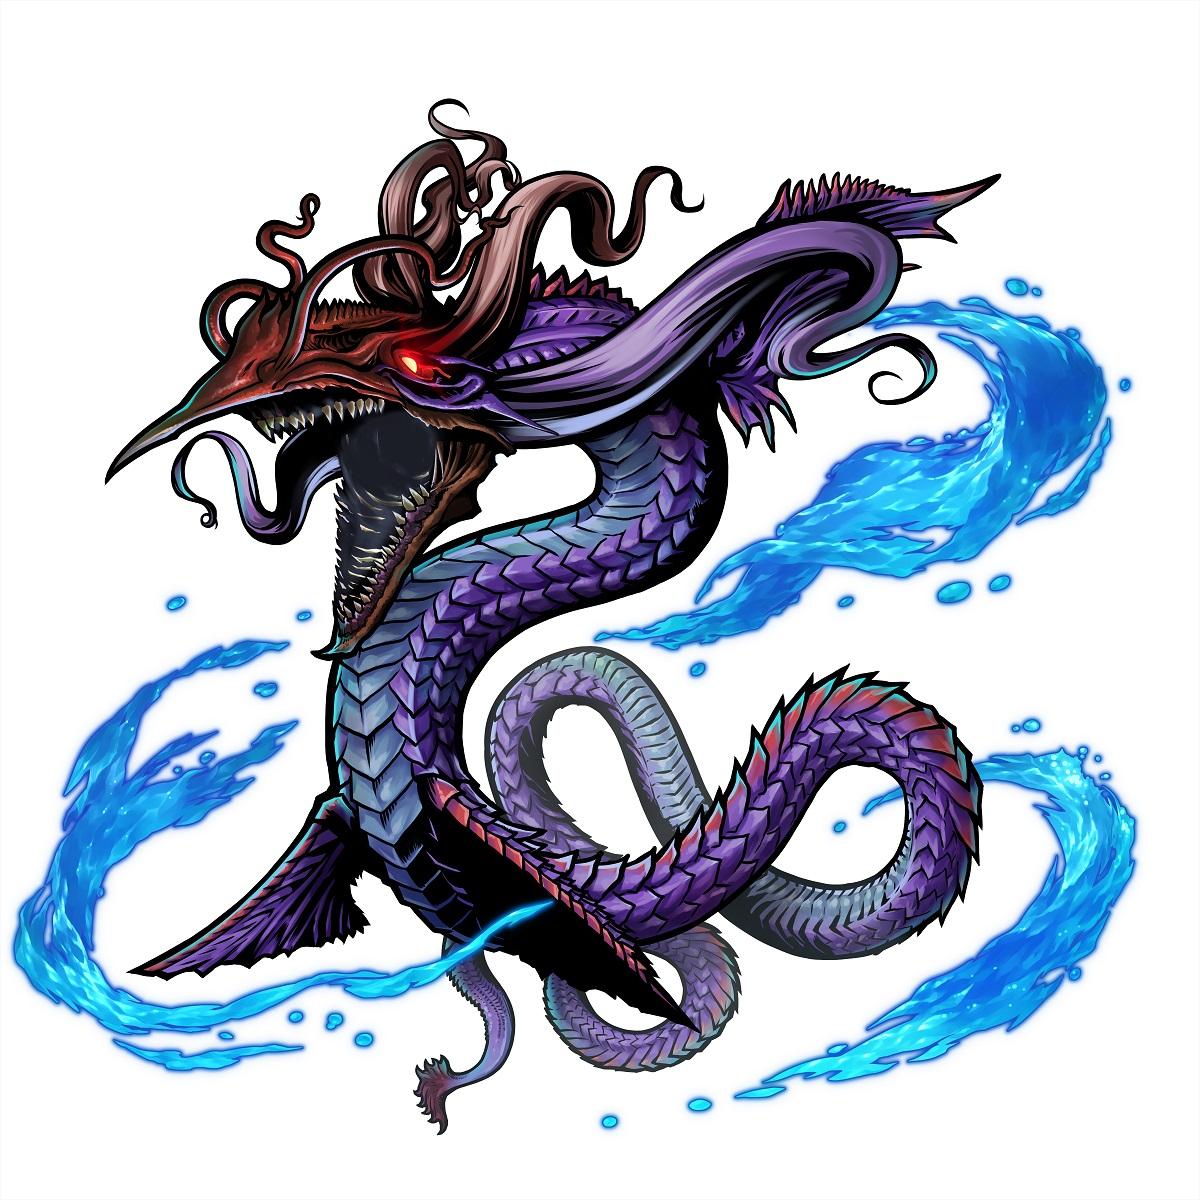 Dissidia Final Fantasy: Opera Omnia k nám dorazí koncem roku 154989